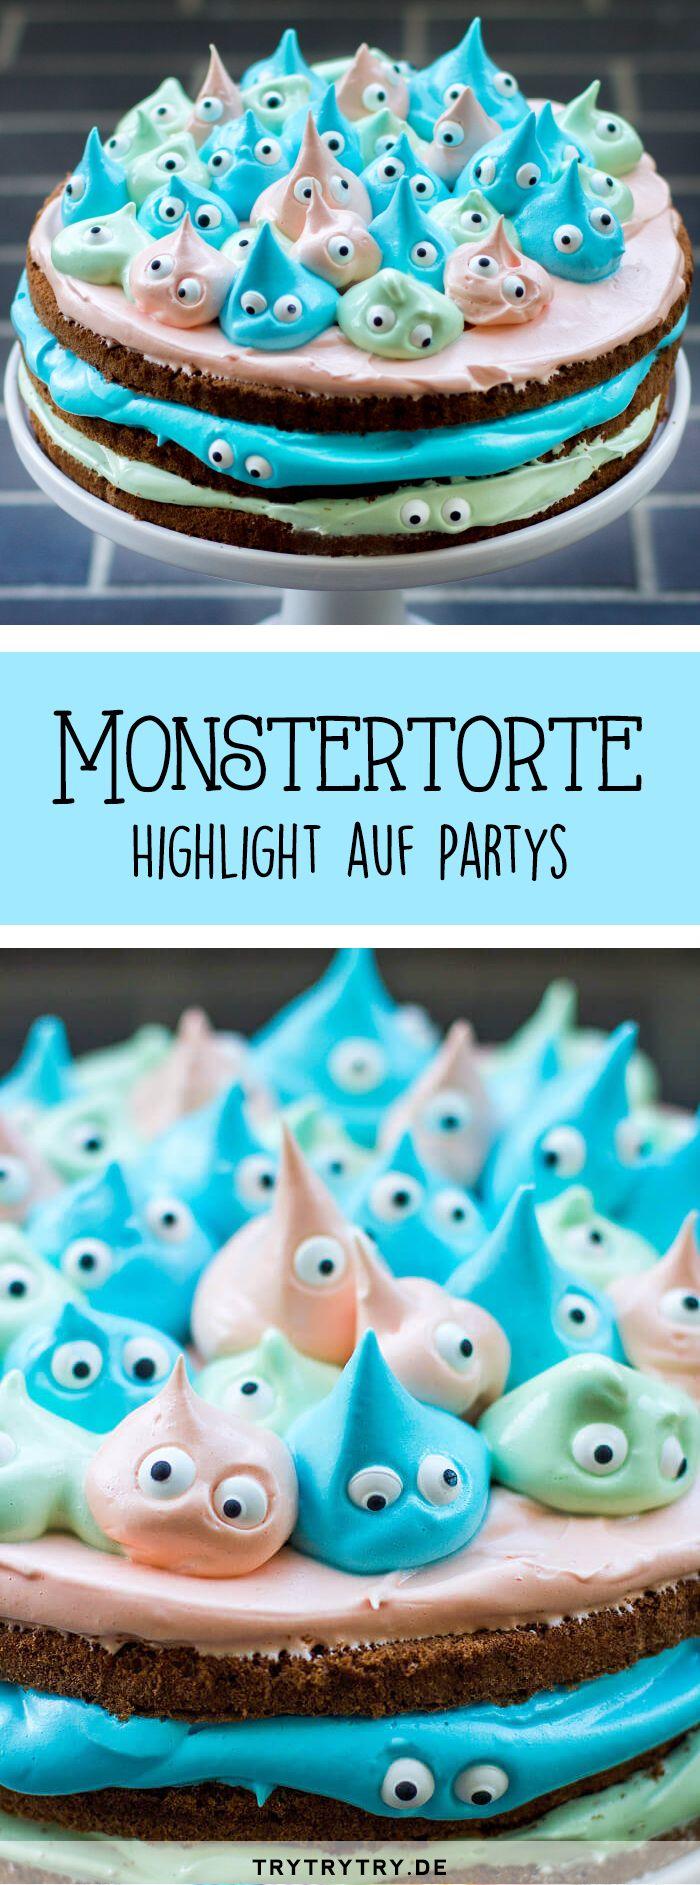 Kleine Monster-Torte: Eine Highlight-Torte auf Partys wie Halloween oder (Kinder-)Geburtstagen. Der absoluter Hingucker für besondere Anlässe. #halloweenessenkinder